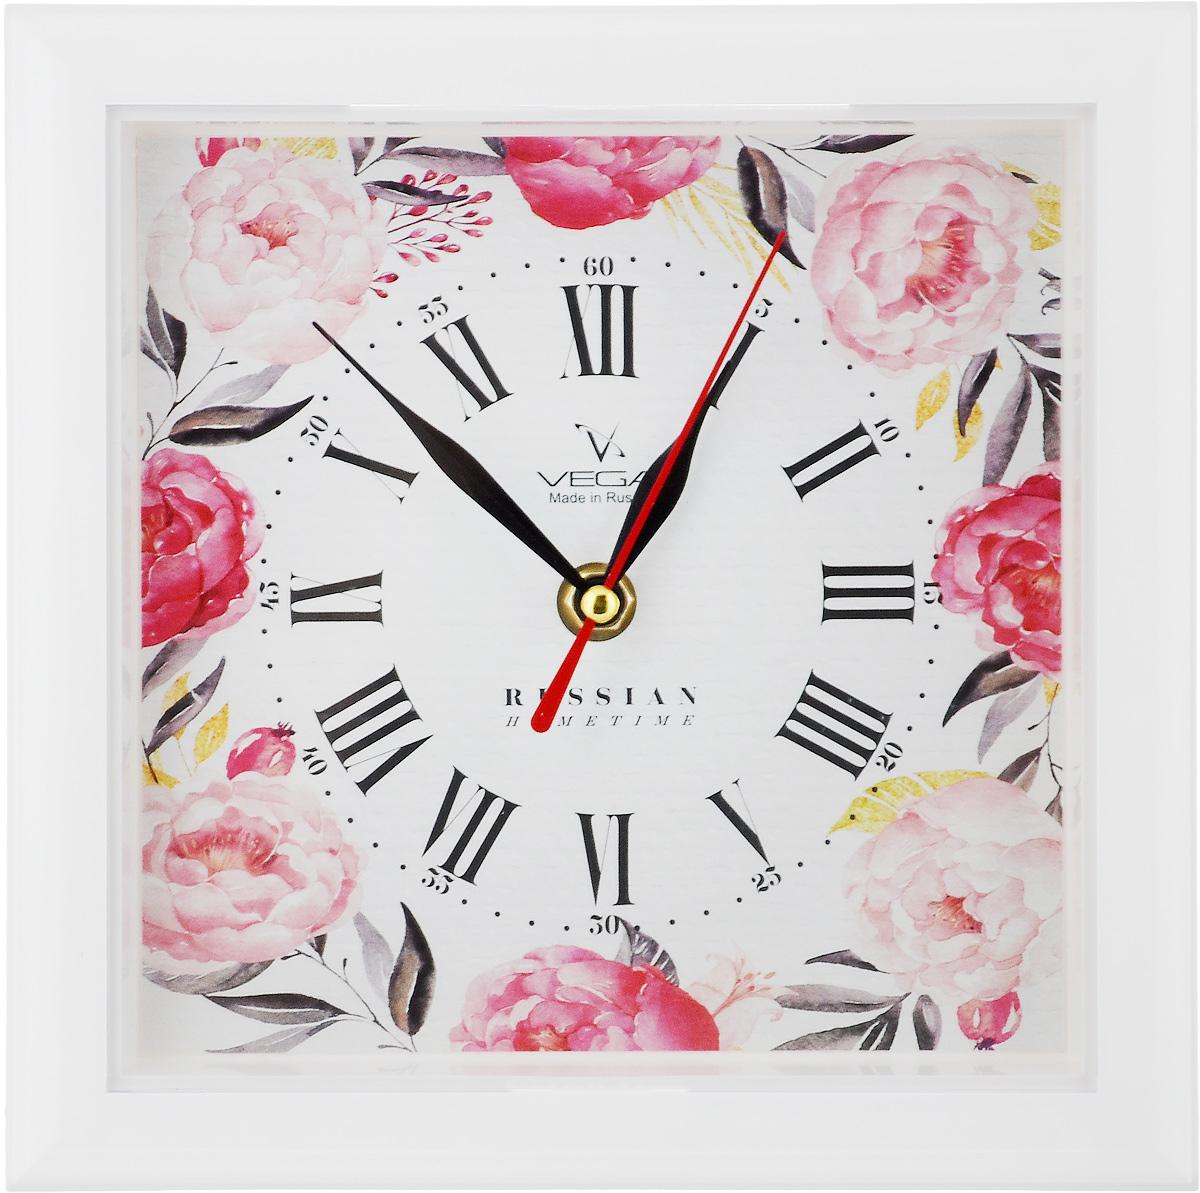 Часы настенные Вега Пионы, 20,6 х 20,6 х 4 см54 009312Настенные кварцевые часы Вега Пионы в классическом дизайне, изготовленные из пластика, прекрасно впишутся в интерьер вашего дома. Квадратные часы имеют три стрелки: часовую, минутную и секундную, циферблат защищен прозрачным пластиком. Часы работают от 1 батарейки типа АА напряжением 1,5 В (не входит в комплект).